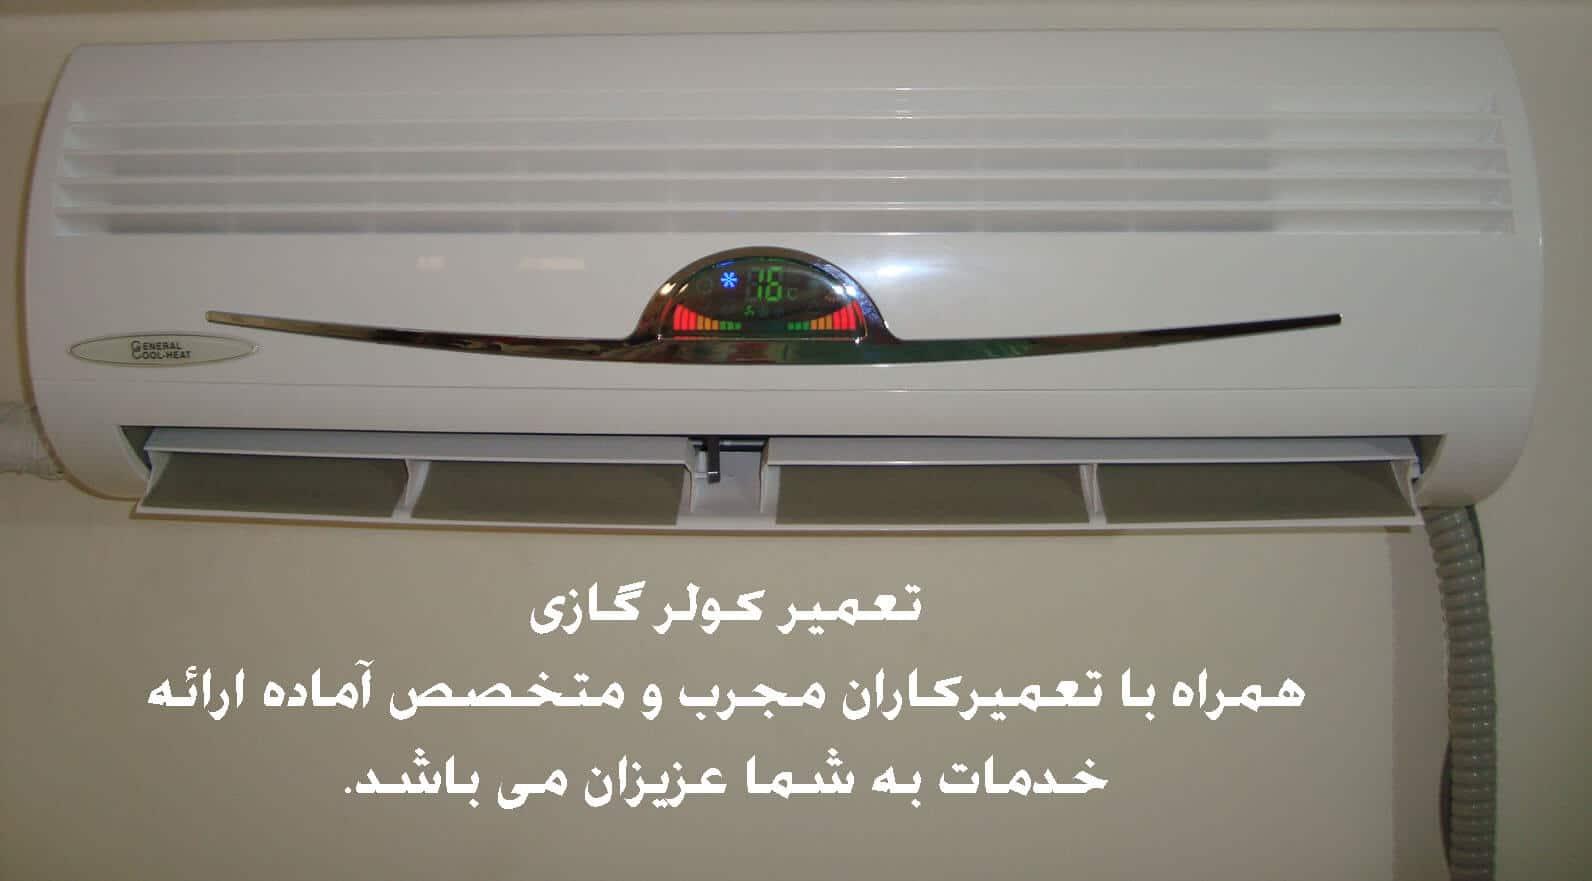 تعمیرکار کولر گازی در غرب تهران